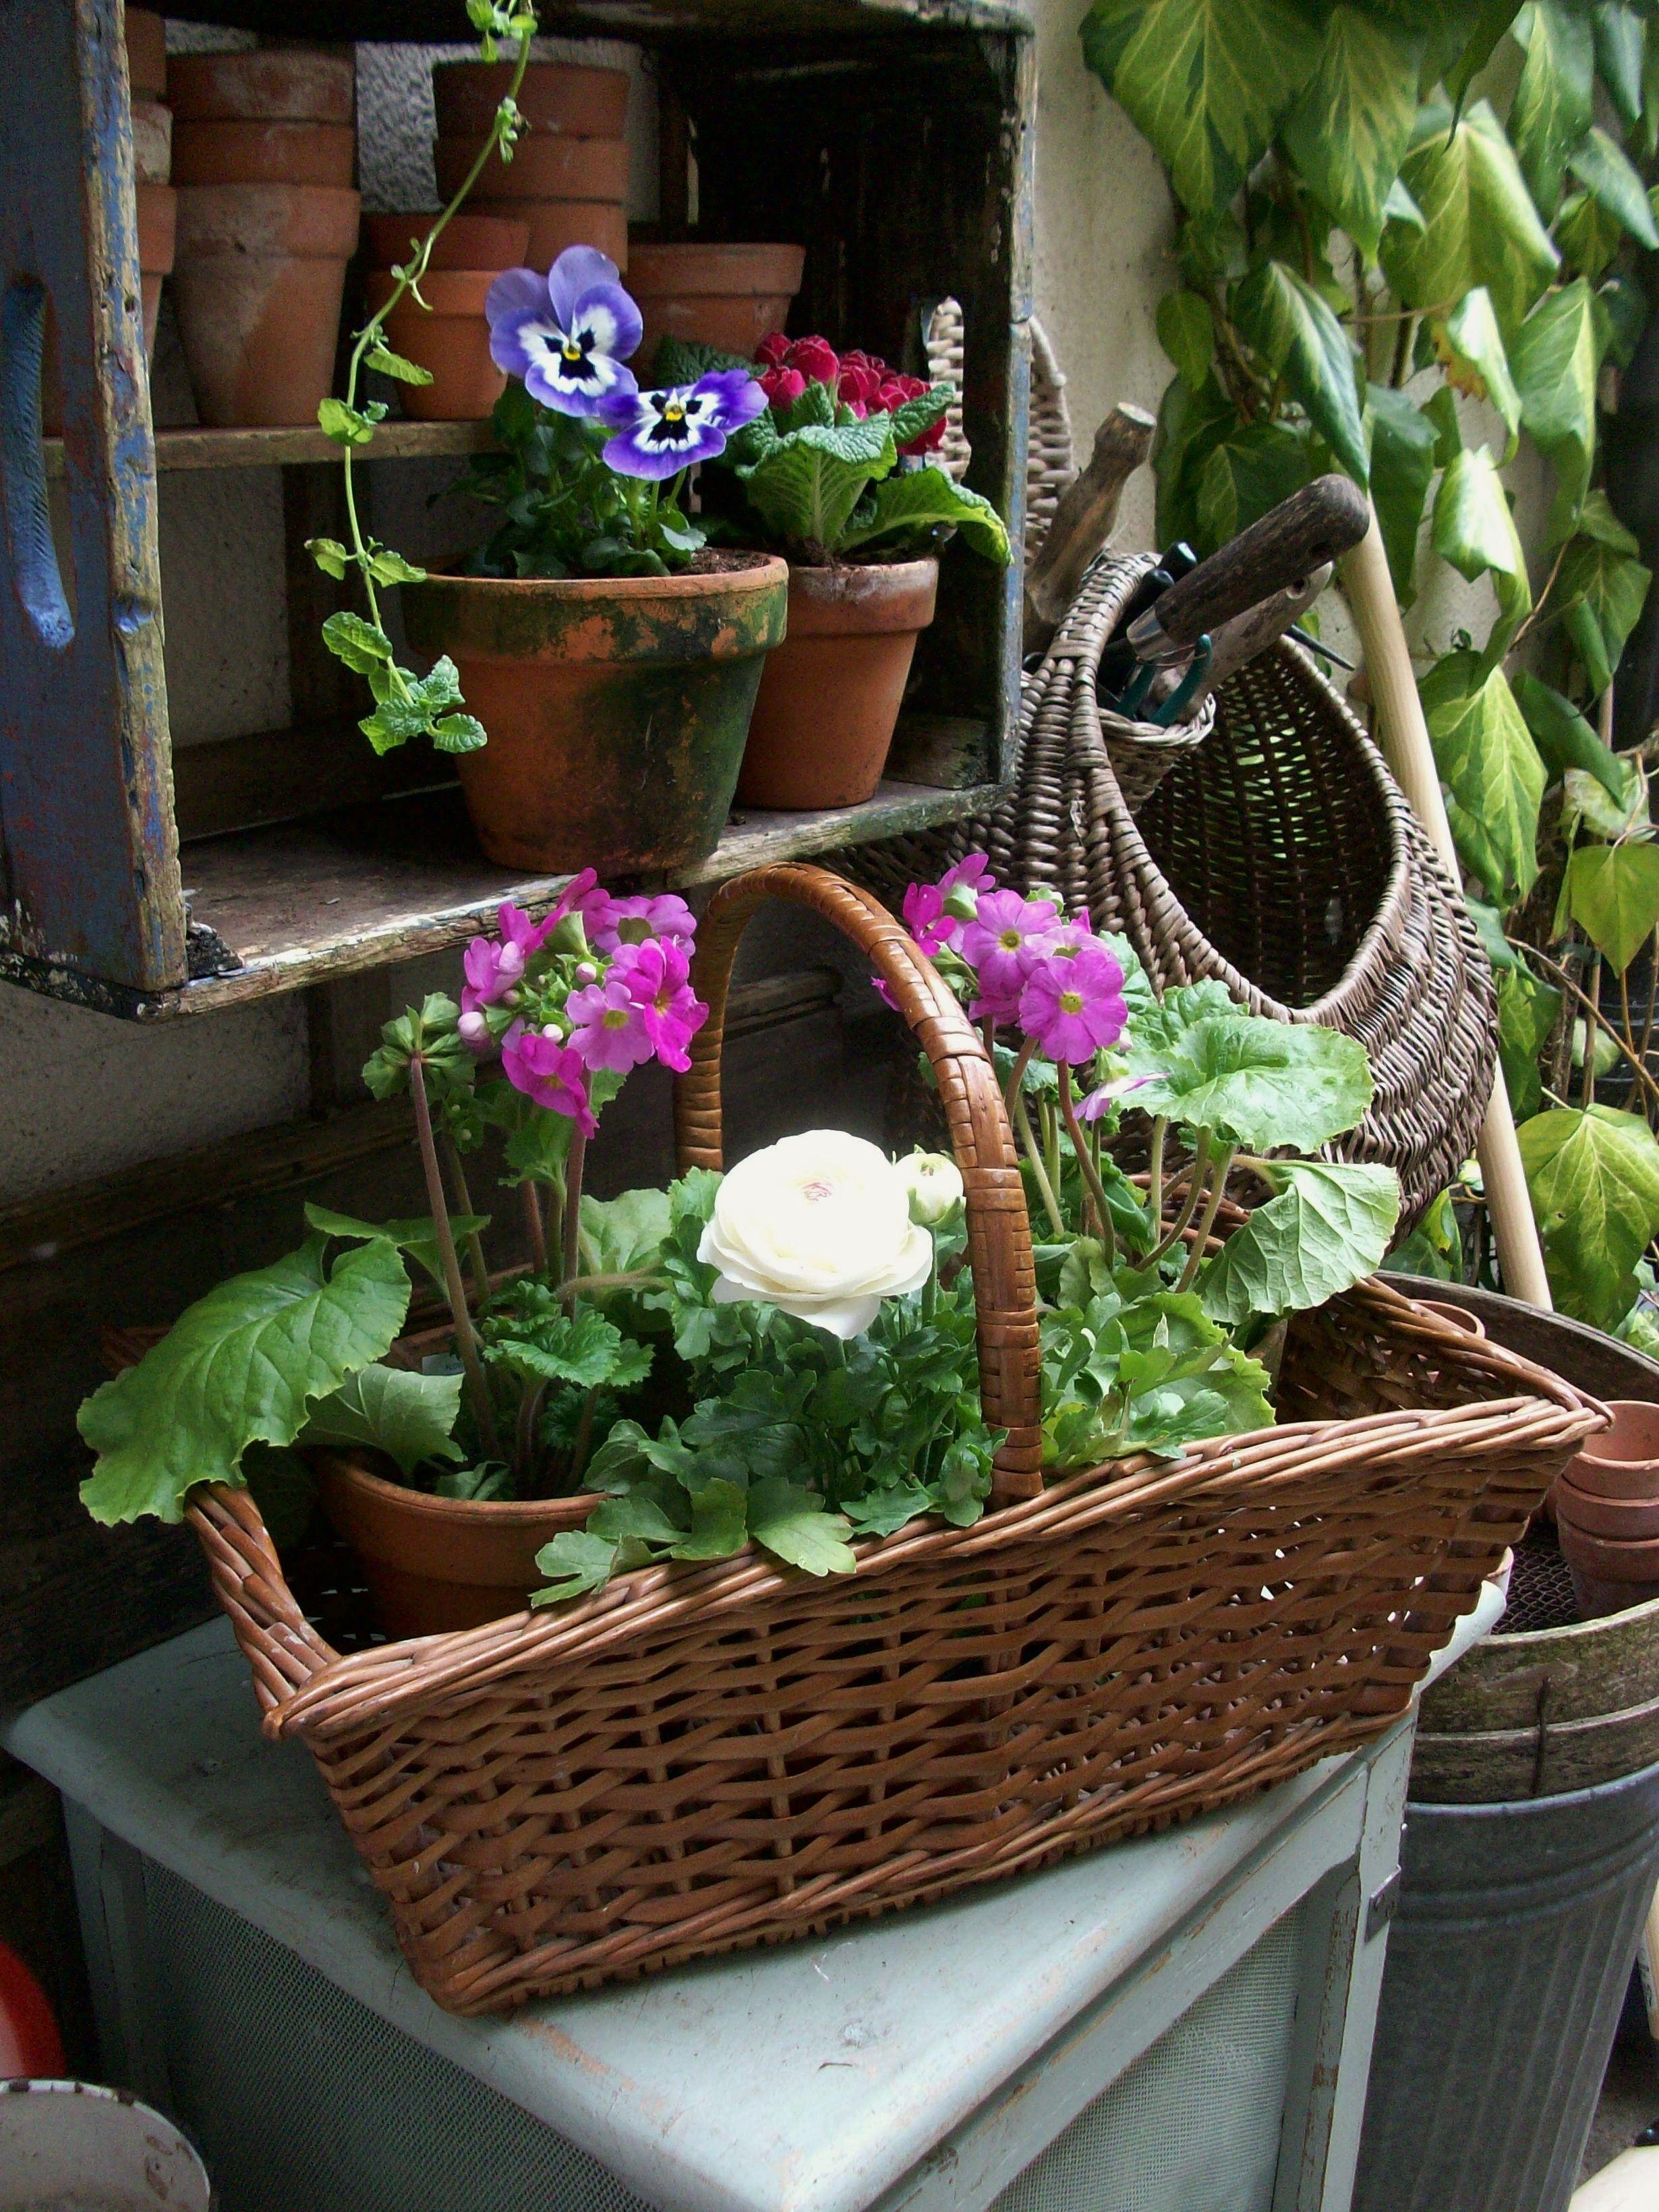 Spring flowers in vintage basket from Lavender House Vintage